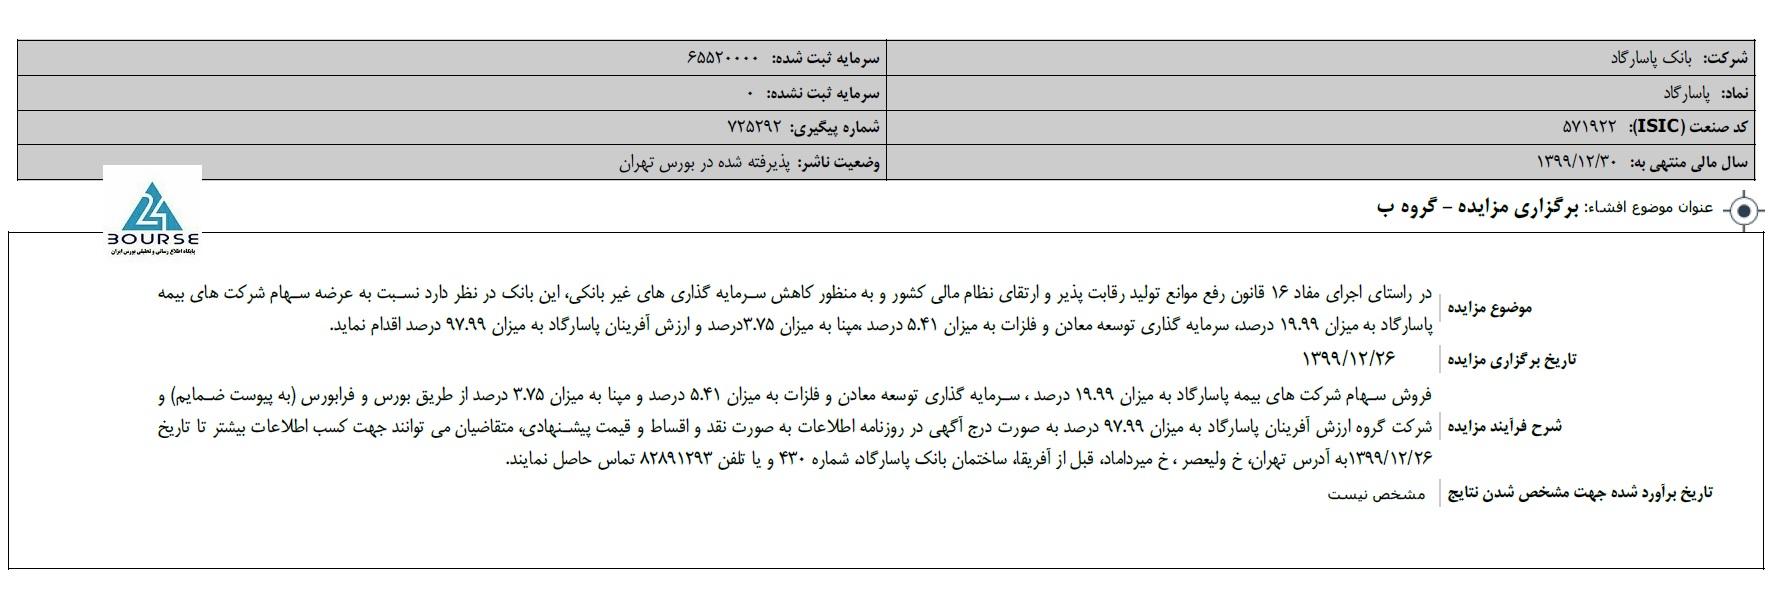 توضیحات تکمیلی  بانک پاسارگاد در خصوص برگزاری مزایده